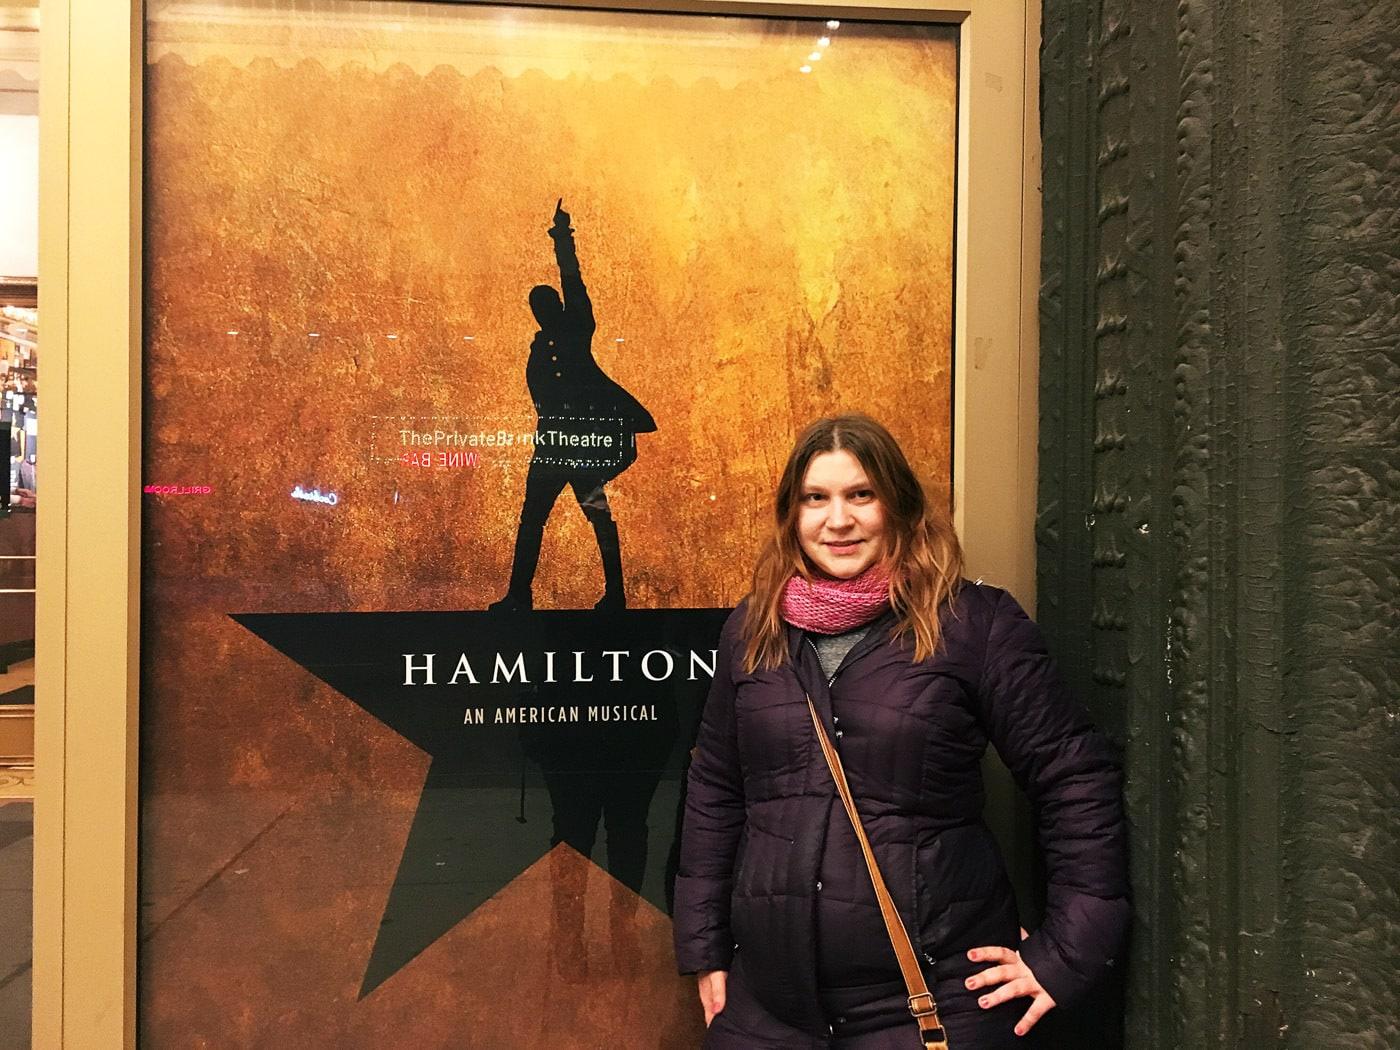 Life List: See Hamilton